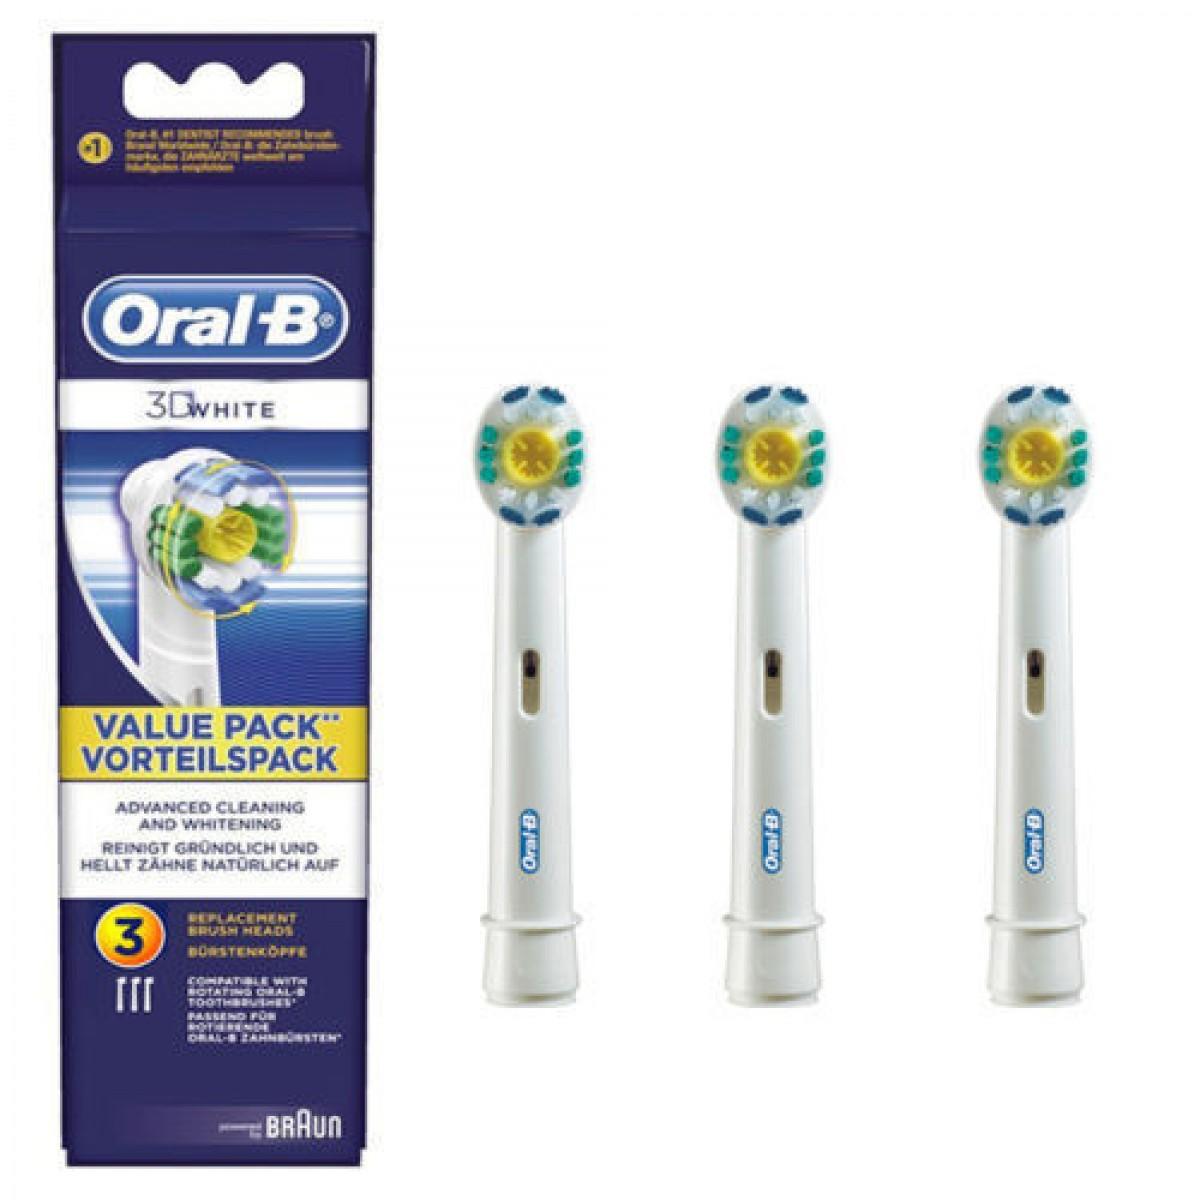 ORAL-B Børstehoveder 3D white 3 stk.